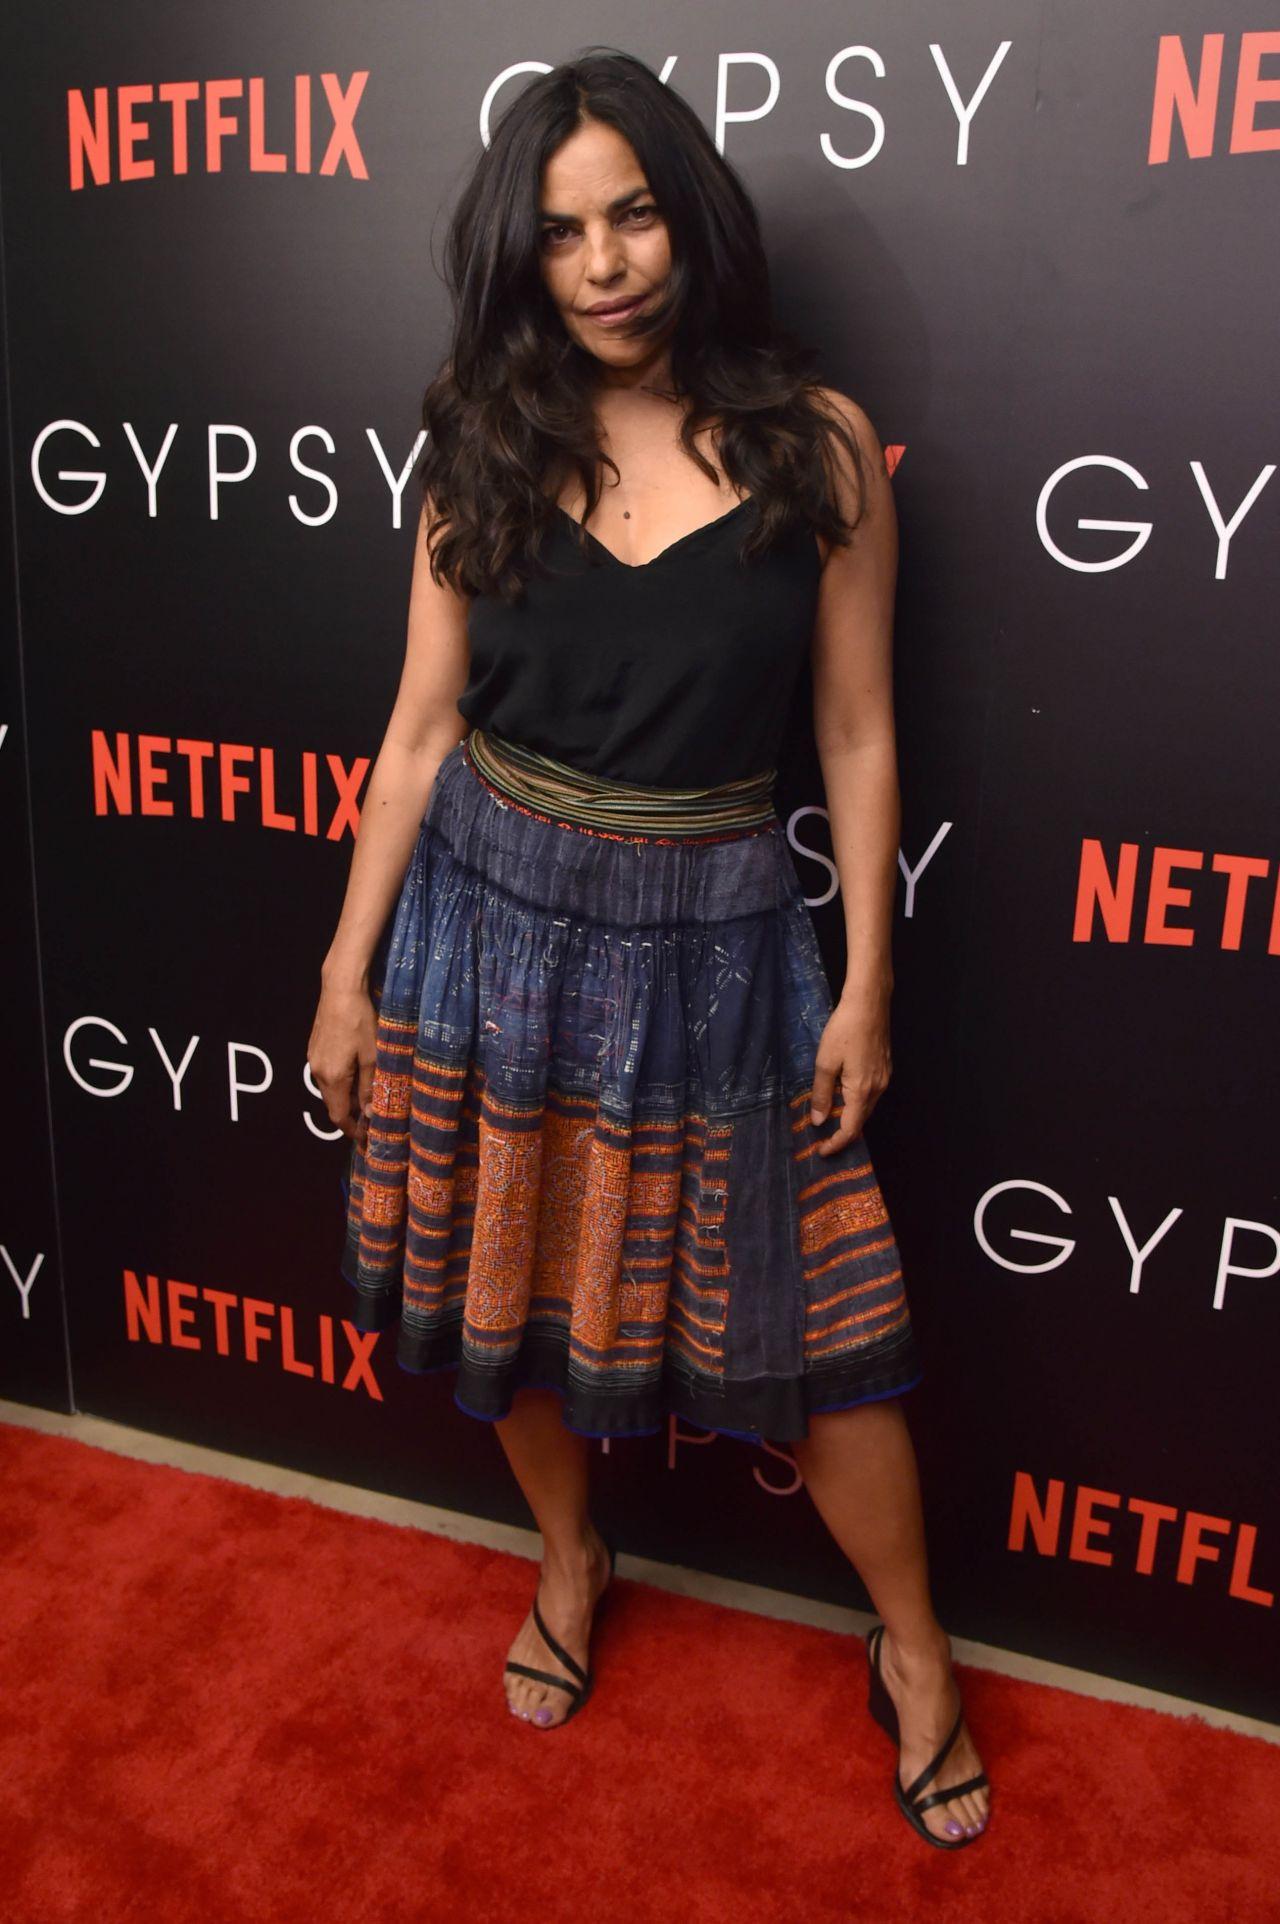 Sarita Choudhury